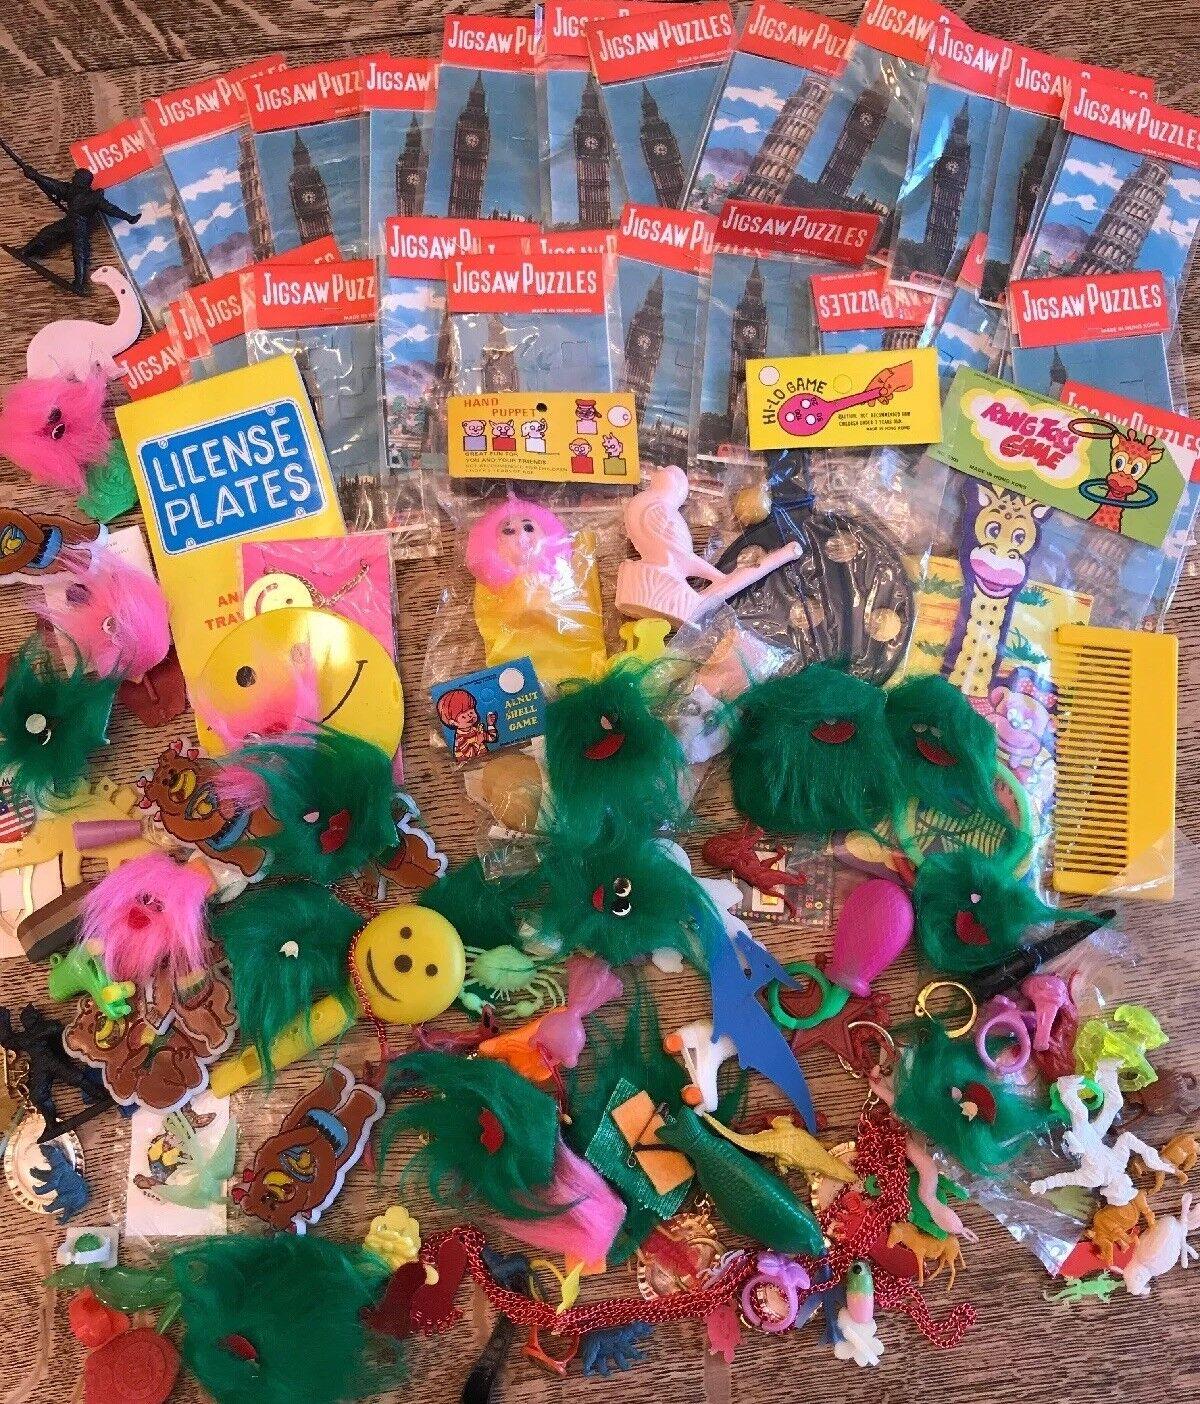 Lote de 100+ centavos Tienda de juguetes de plástico de los botones de anillos de juegos de insectos Rompecabezas Premio